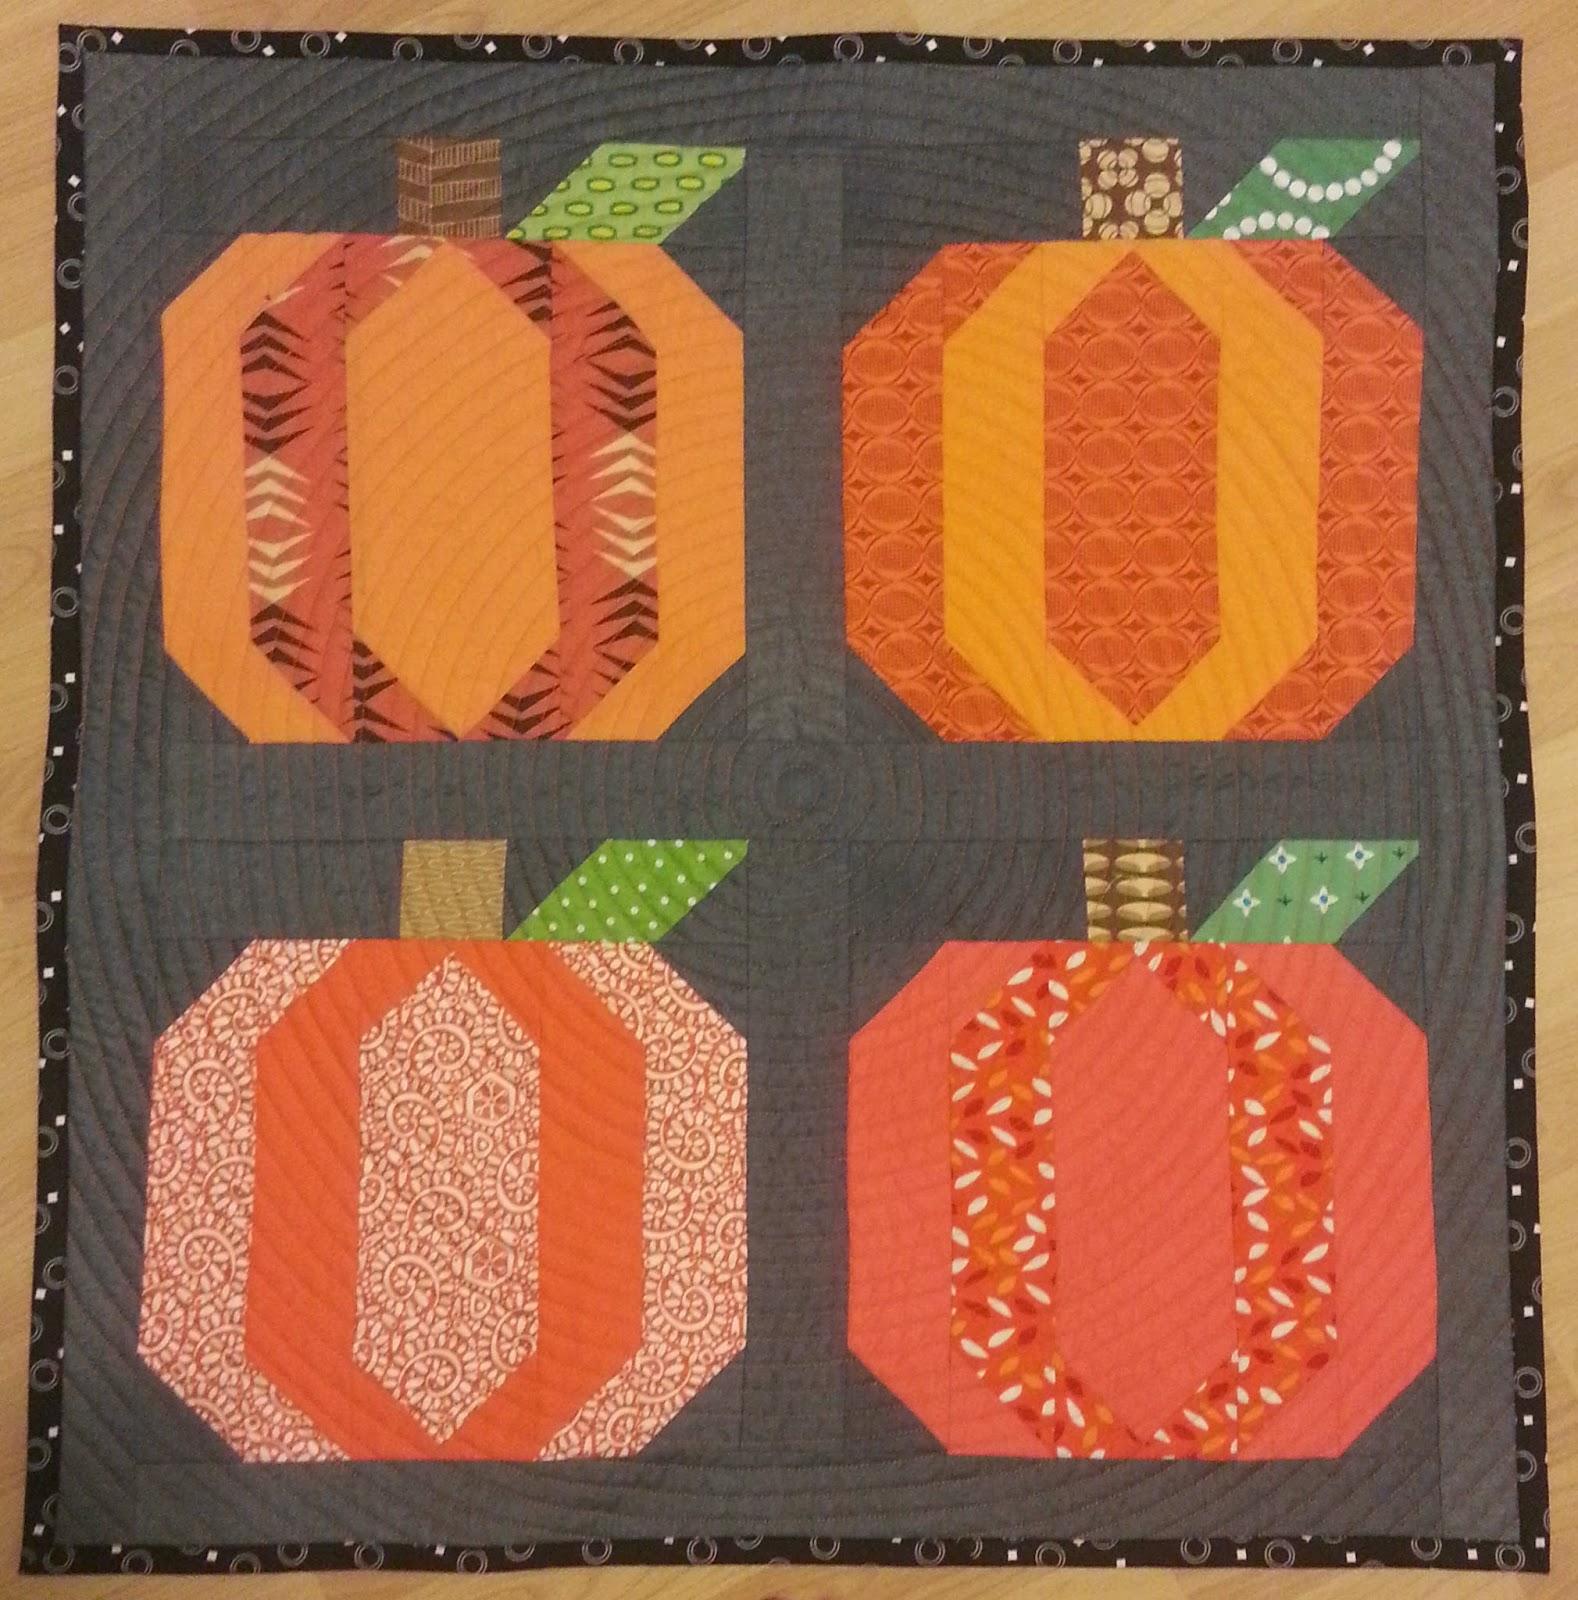 http://www.craftsy.com/user/63417/pattern-store?_ct=fqjjuhd-lyum-qbb-fqjjuhdi-ro-tuiywduh&_ctp=117580|63417